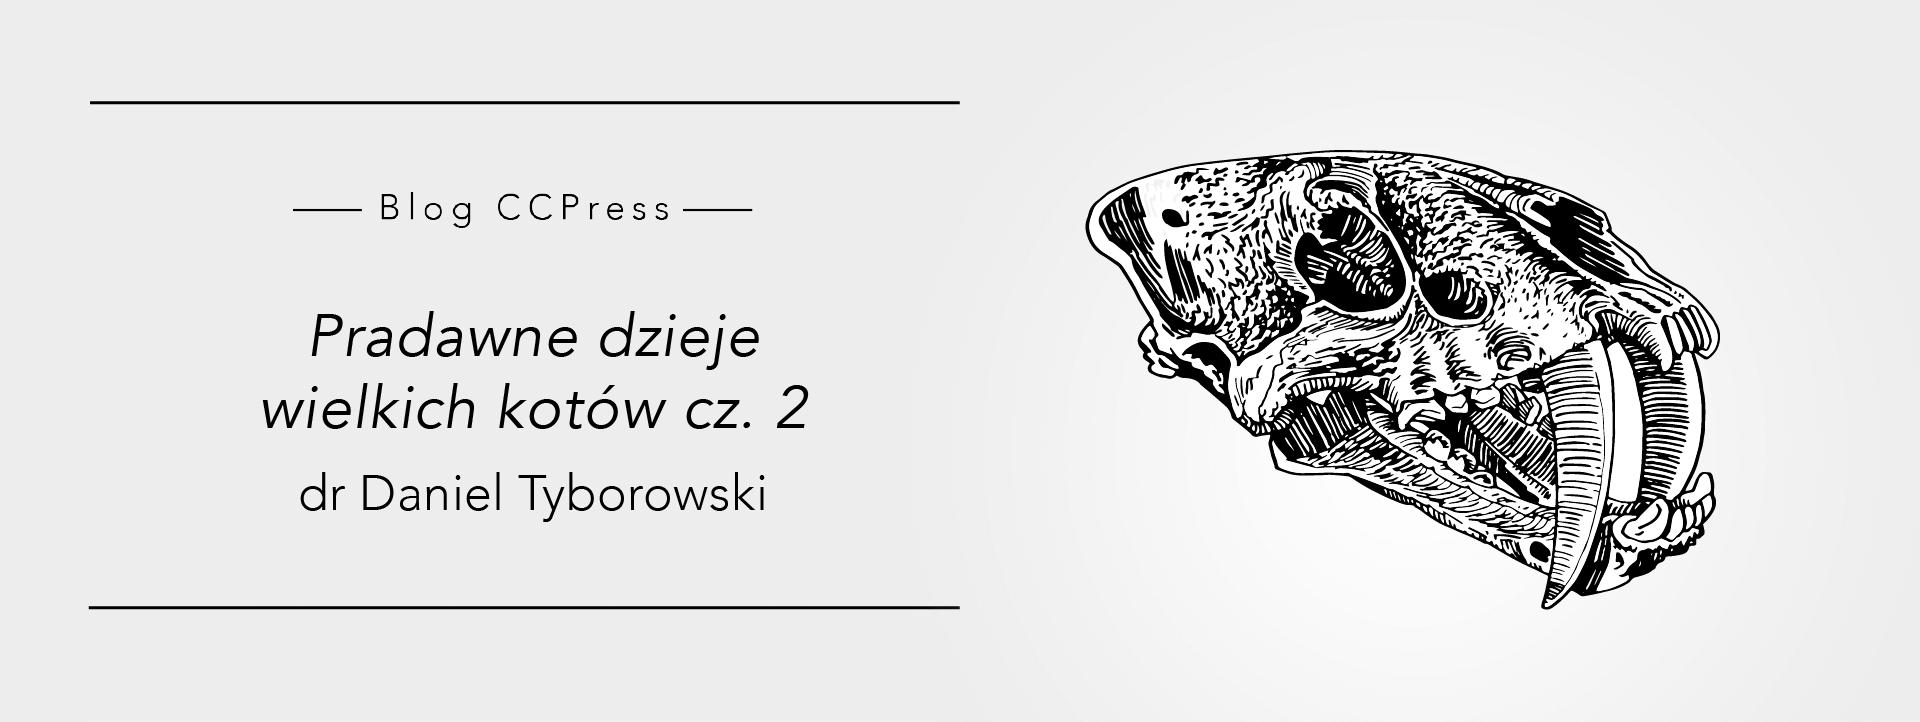 Pradawne dzieje wielkich kotów cz. 2